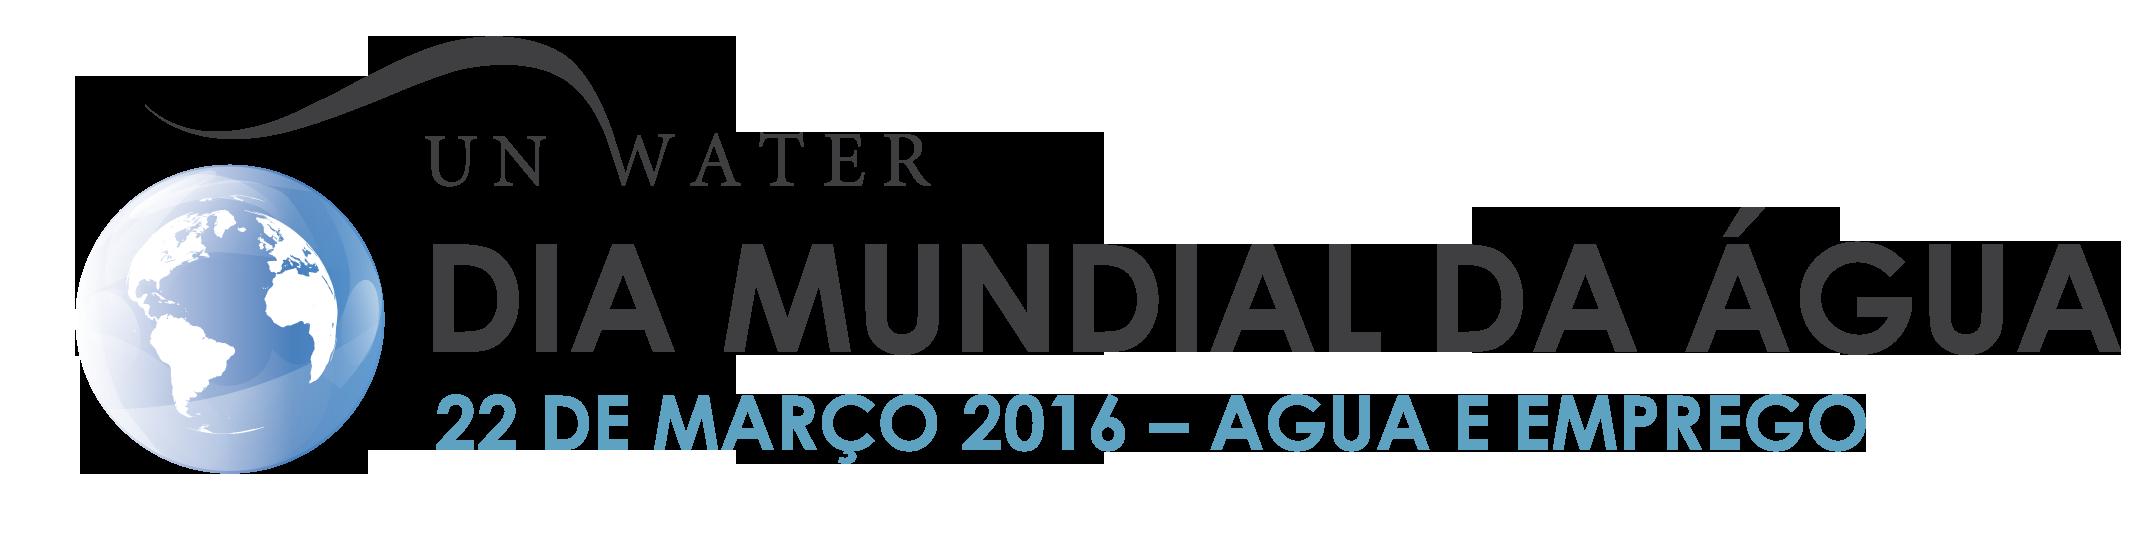 DIA MUNDIAL DA ÁGUA 2016  - ÁGUA E EMPREGO